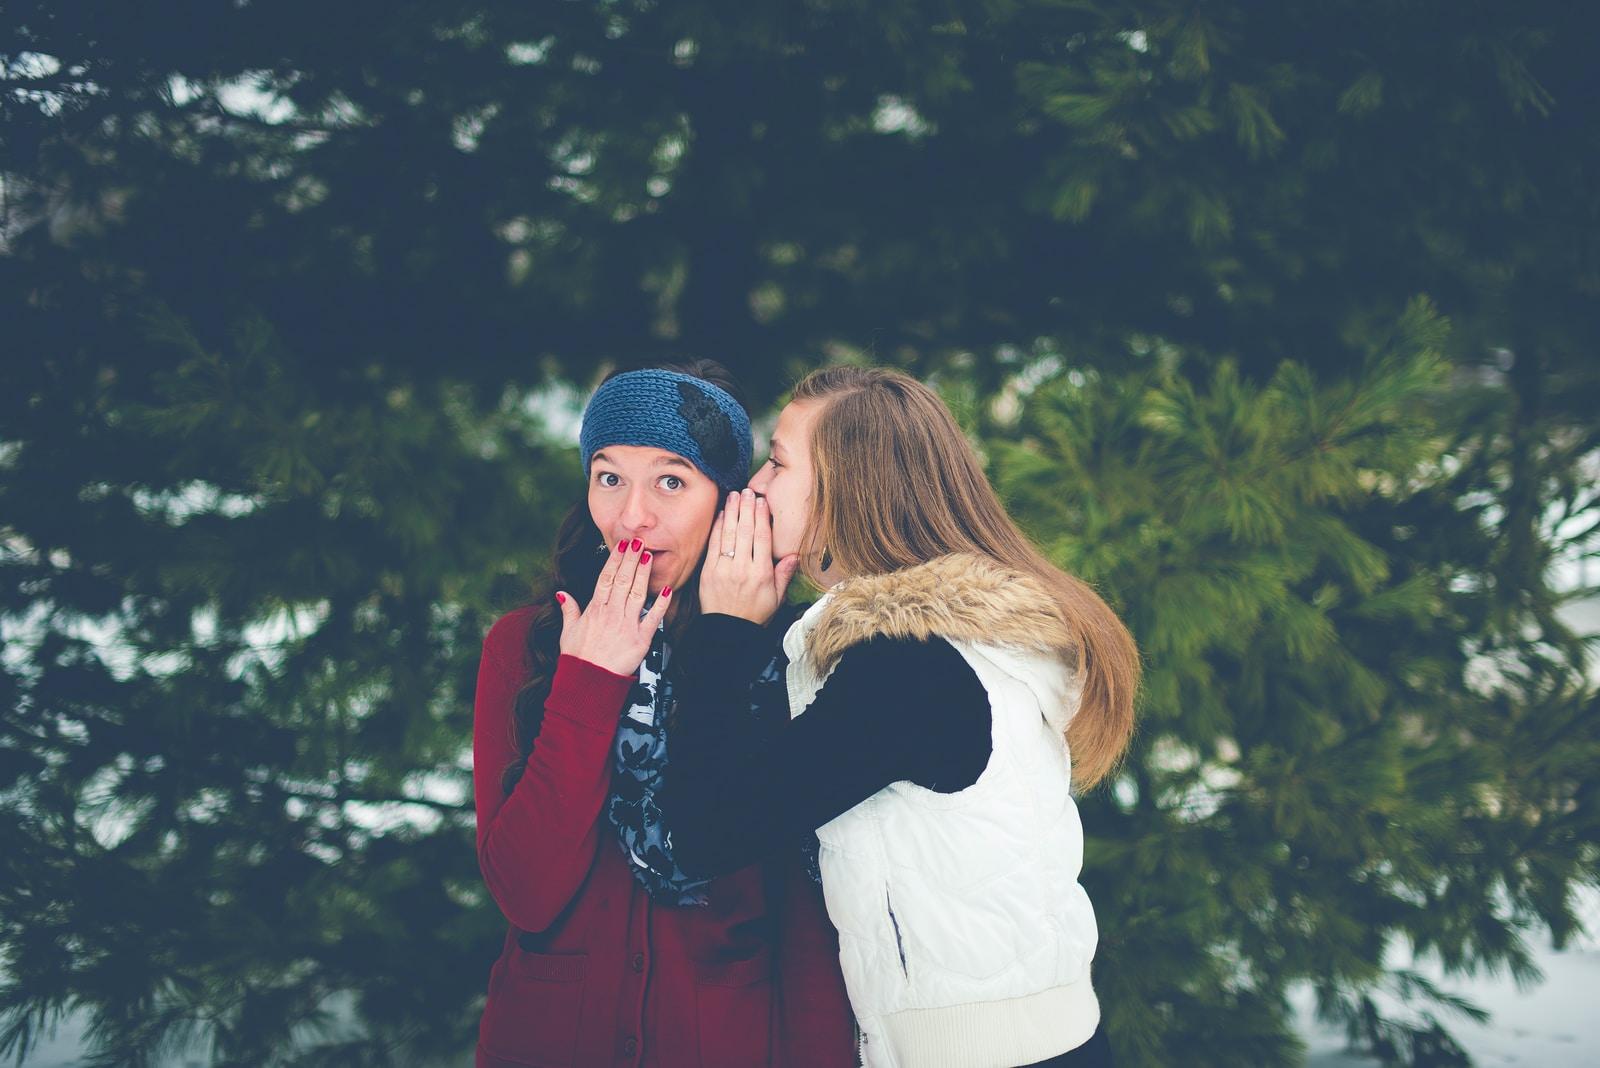 Eno dekle drugi šepeta na uho.